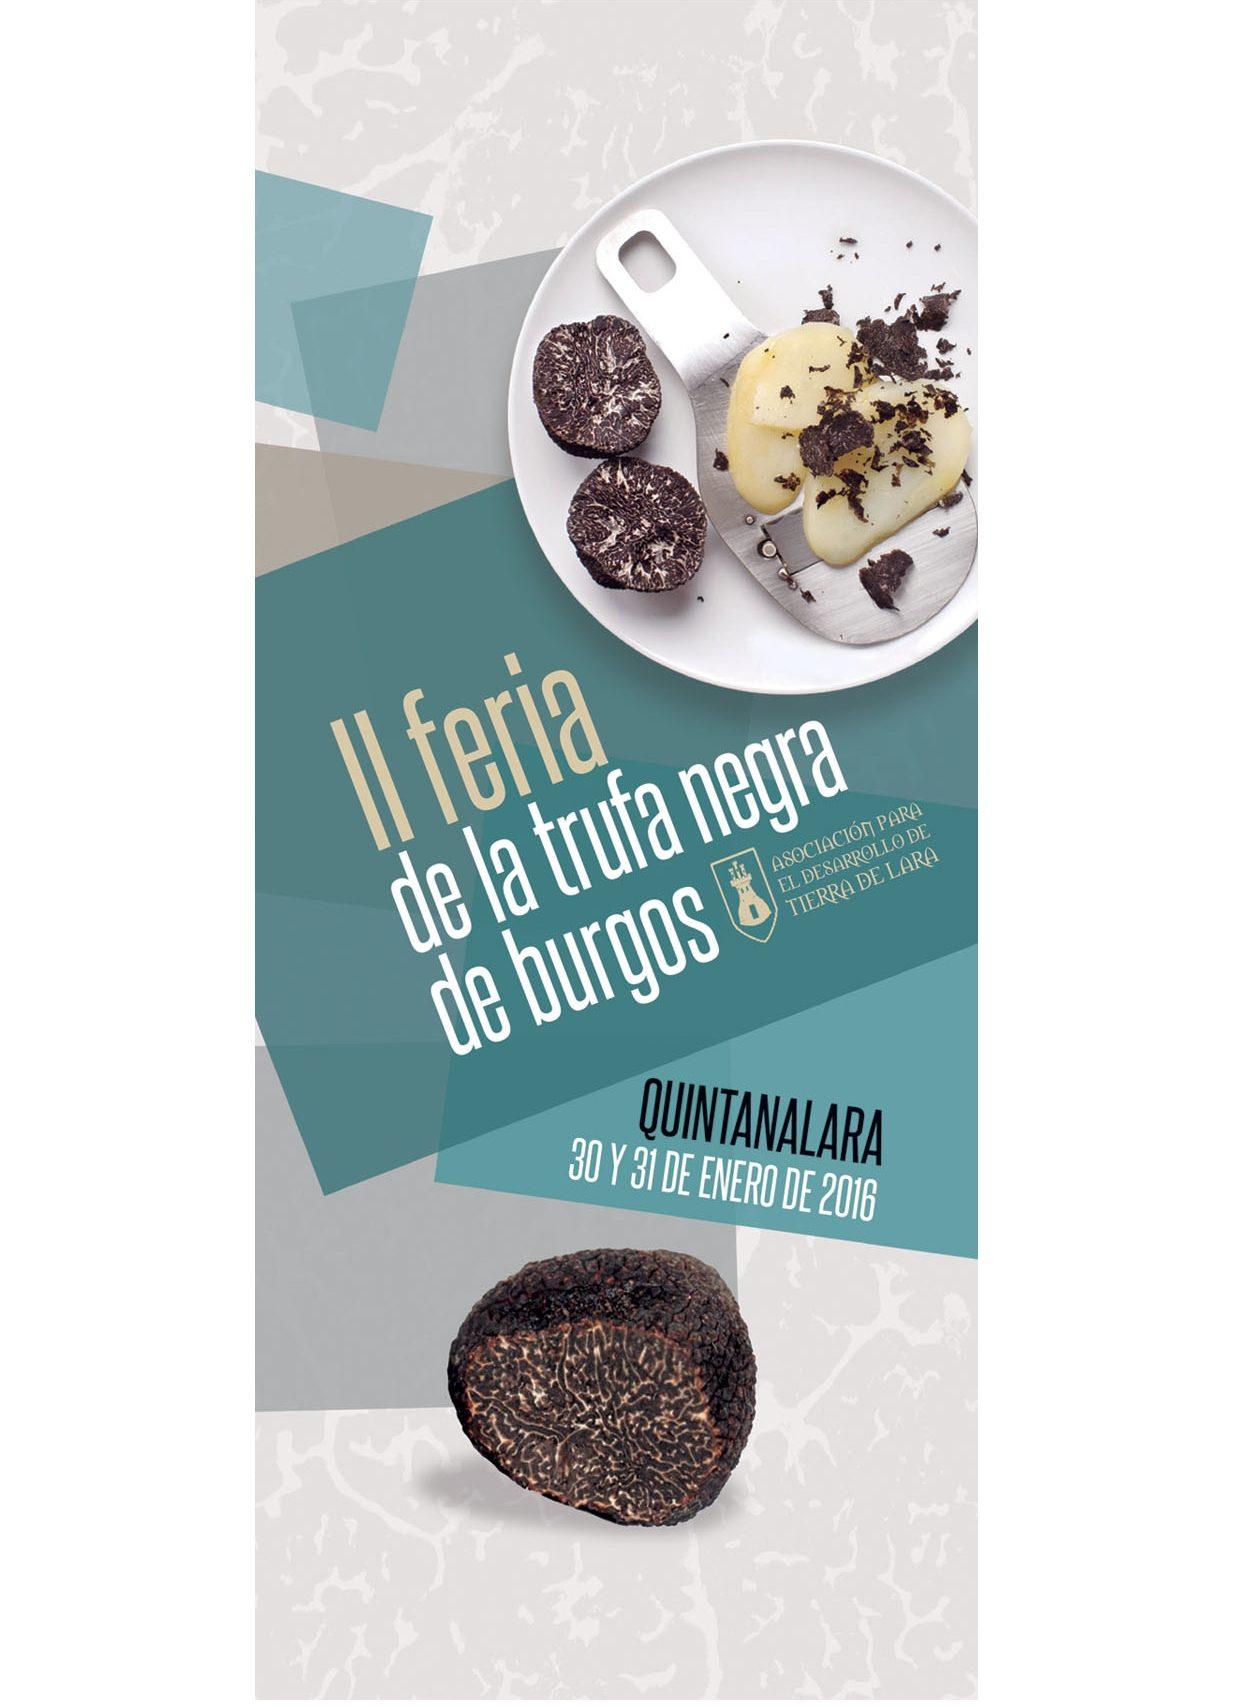 II Feria de la trufa negra de Burgos